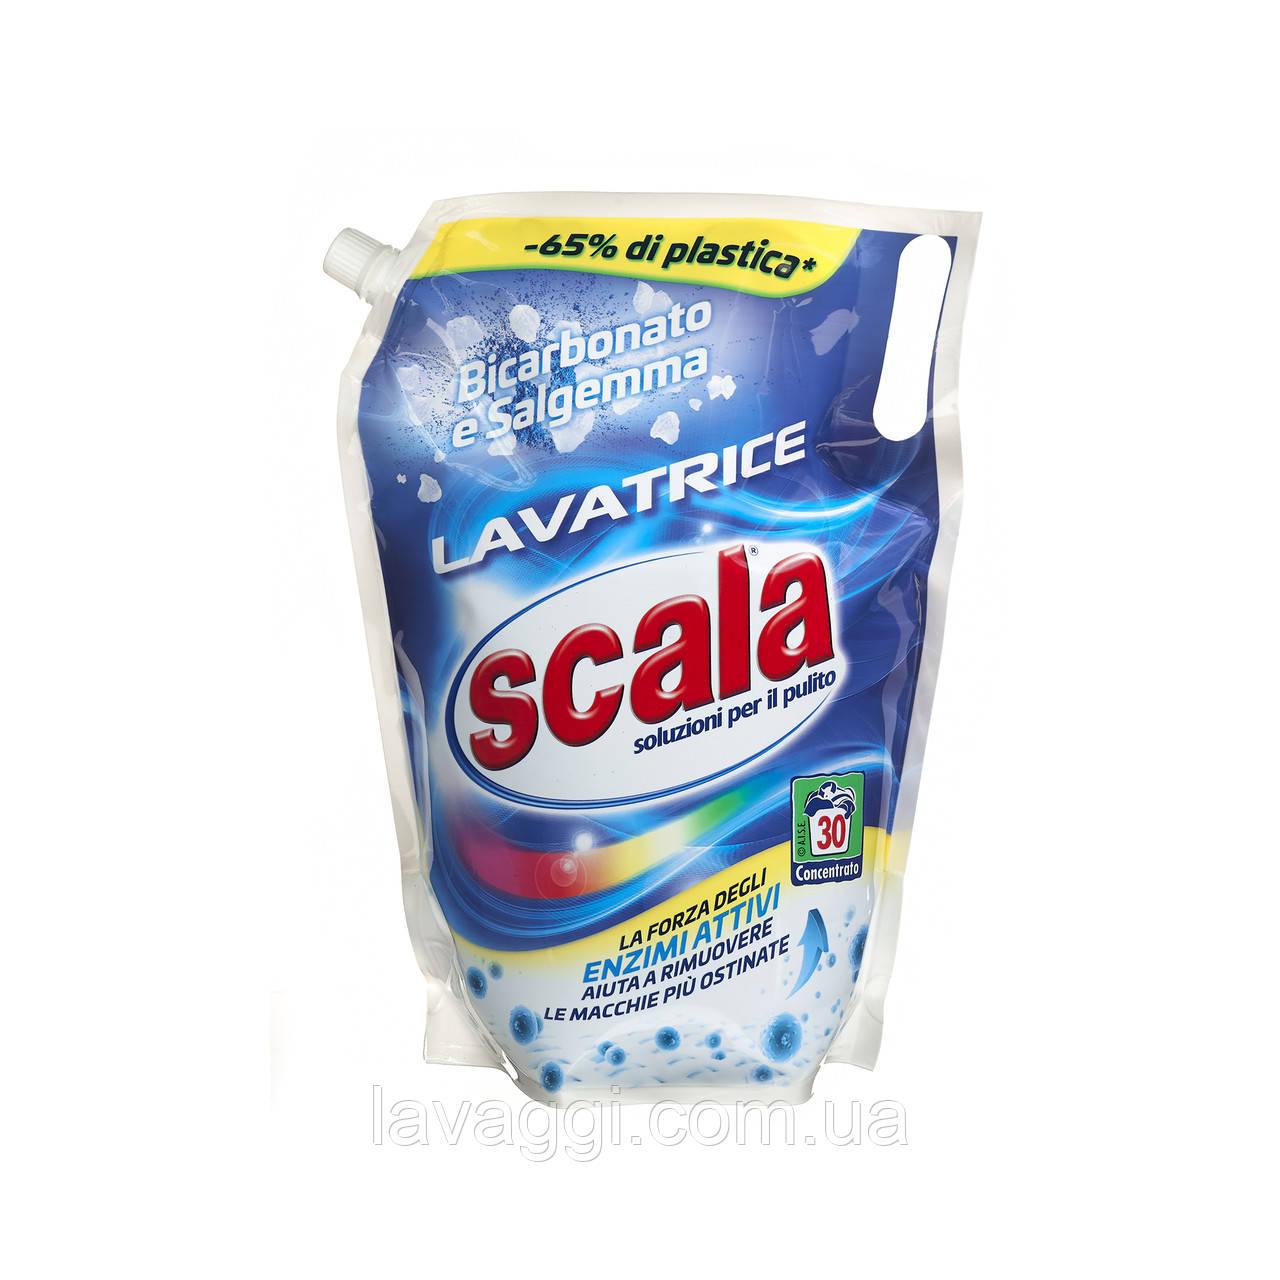 Гель для стирки (дойпак) Scala Lavatrice Bicarbonato e Salgemma 1,5L